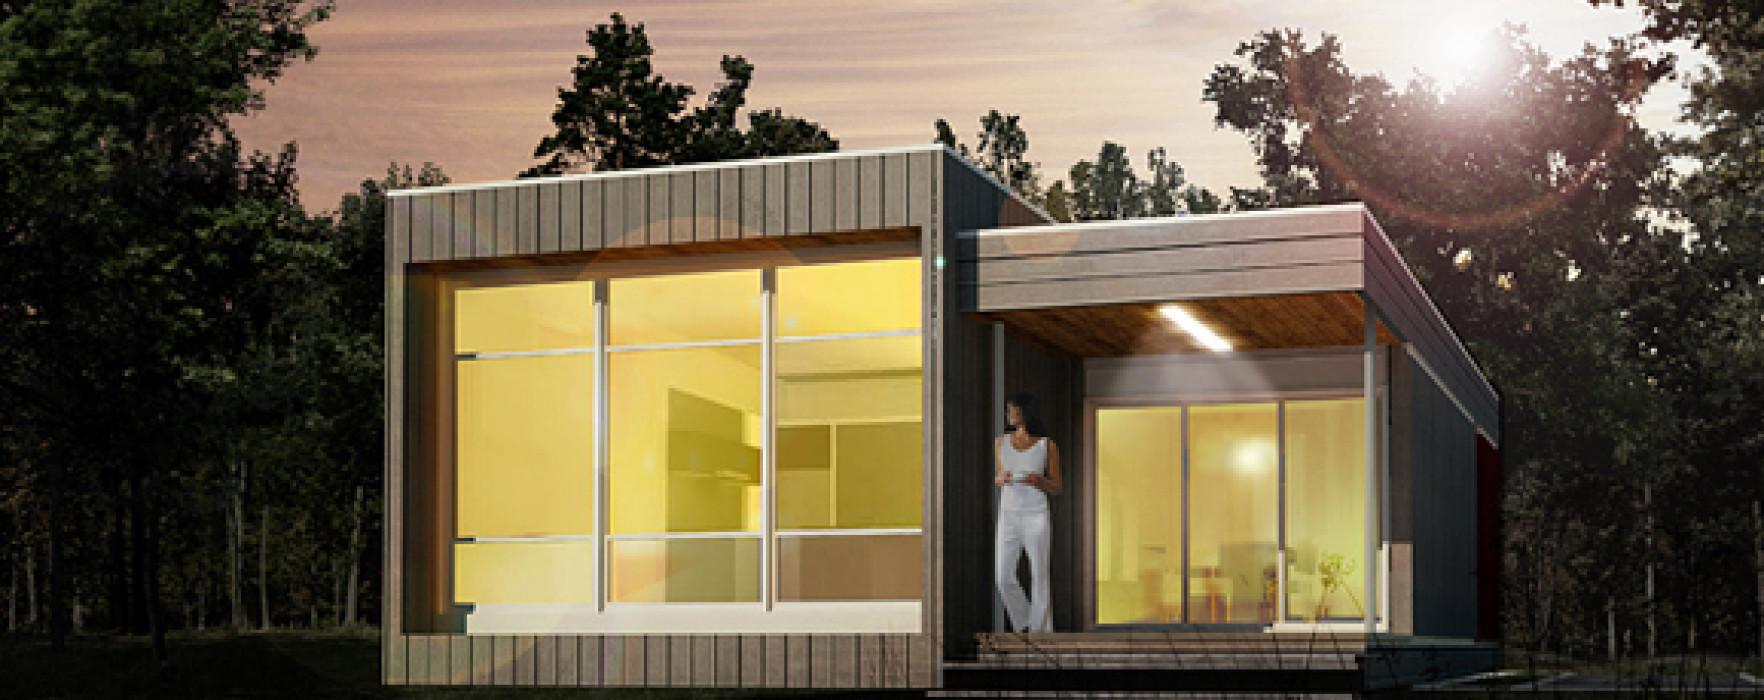 Case in legno prefabbricate a prezzi bassi - Casa prefabbricata legno prezzi ...